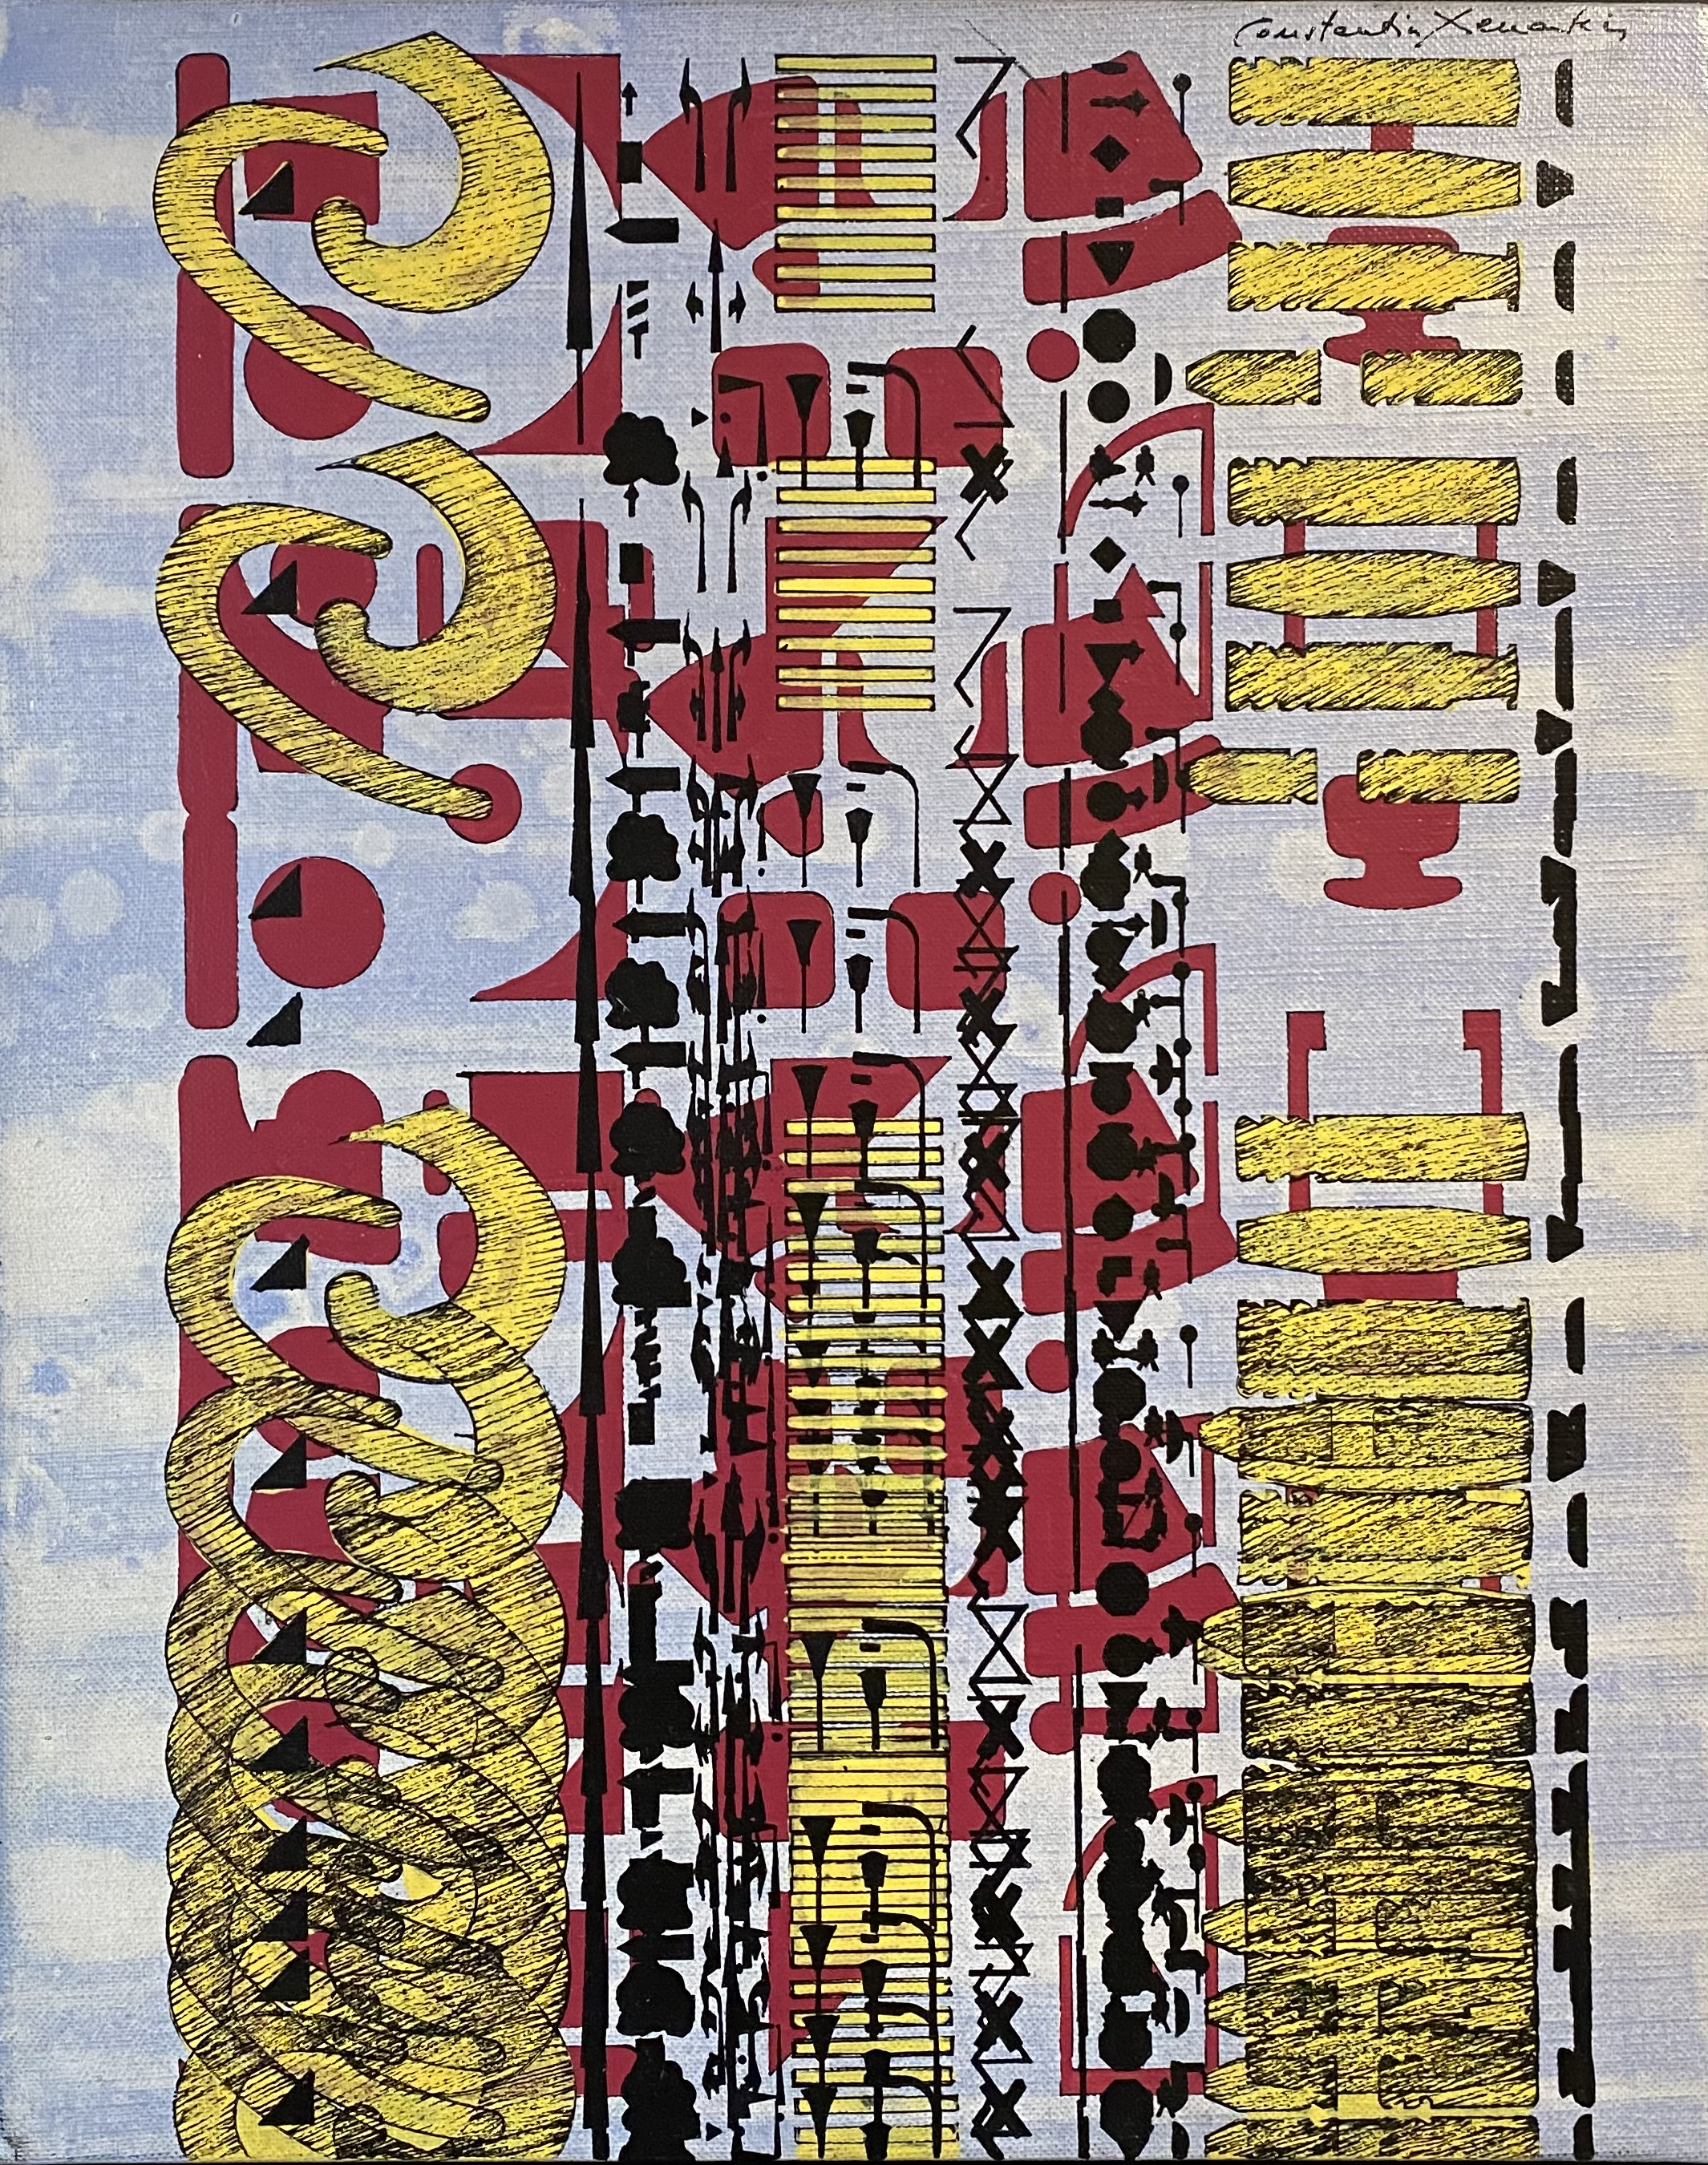 Constantin Xenakis (Greek/French, 1931-2020) (AR), Parcour A, 1987, acrylic on canvas, 41 x 33.